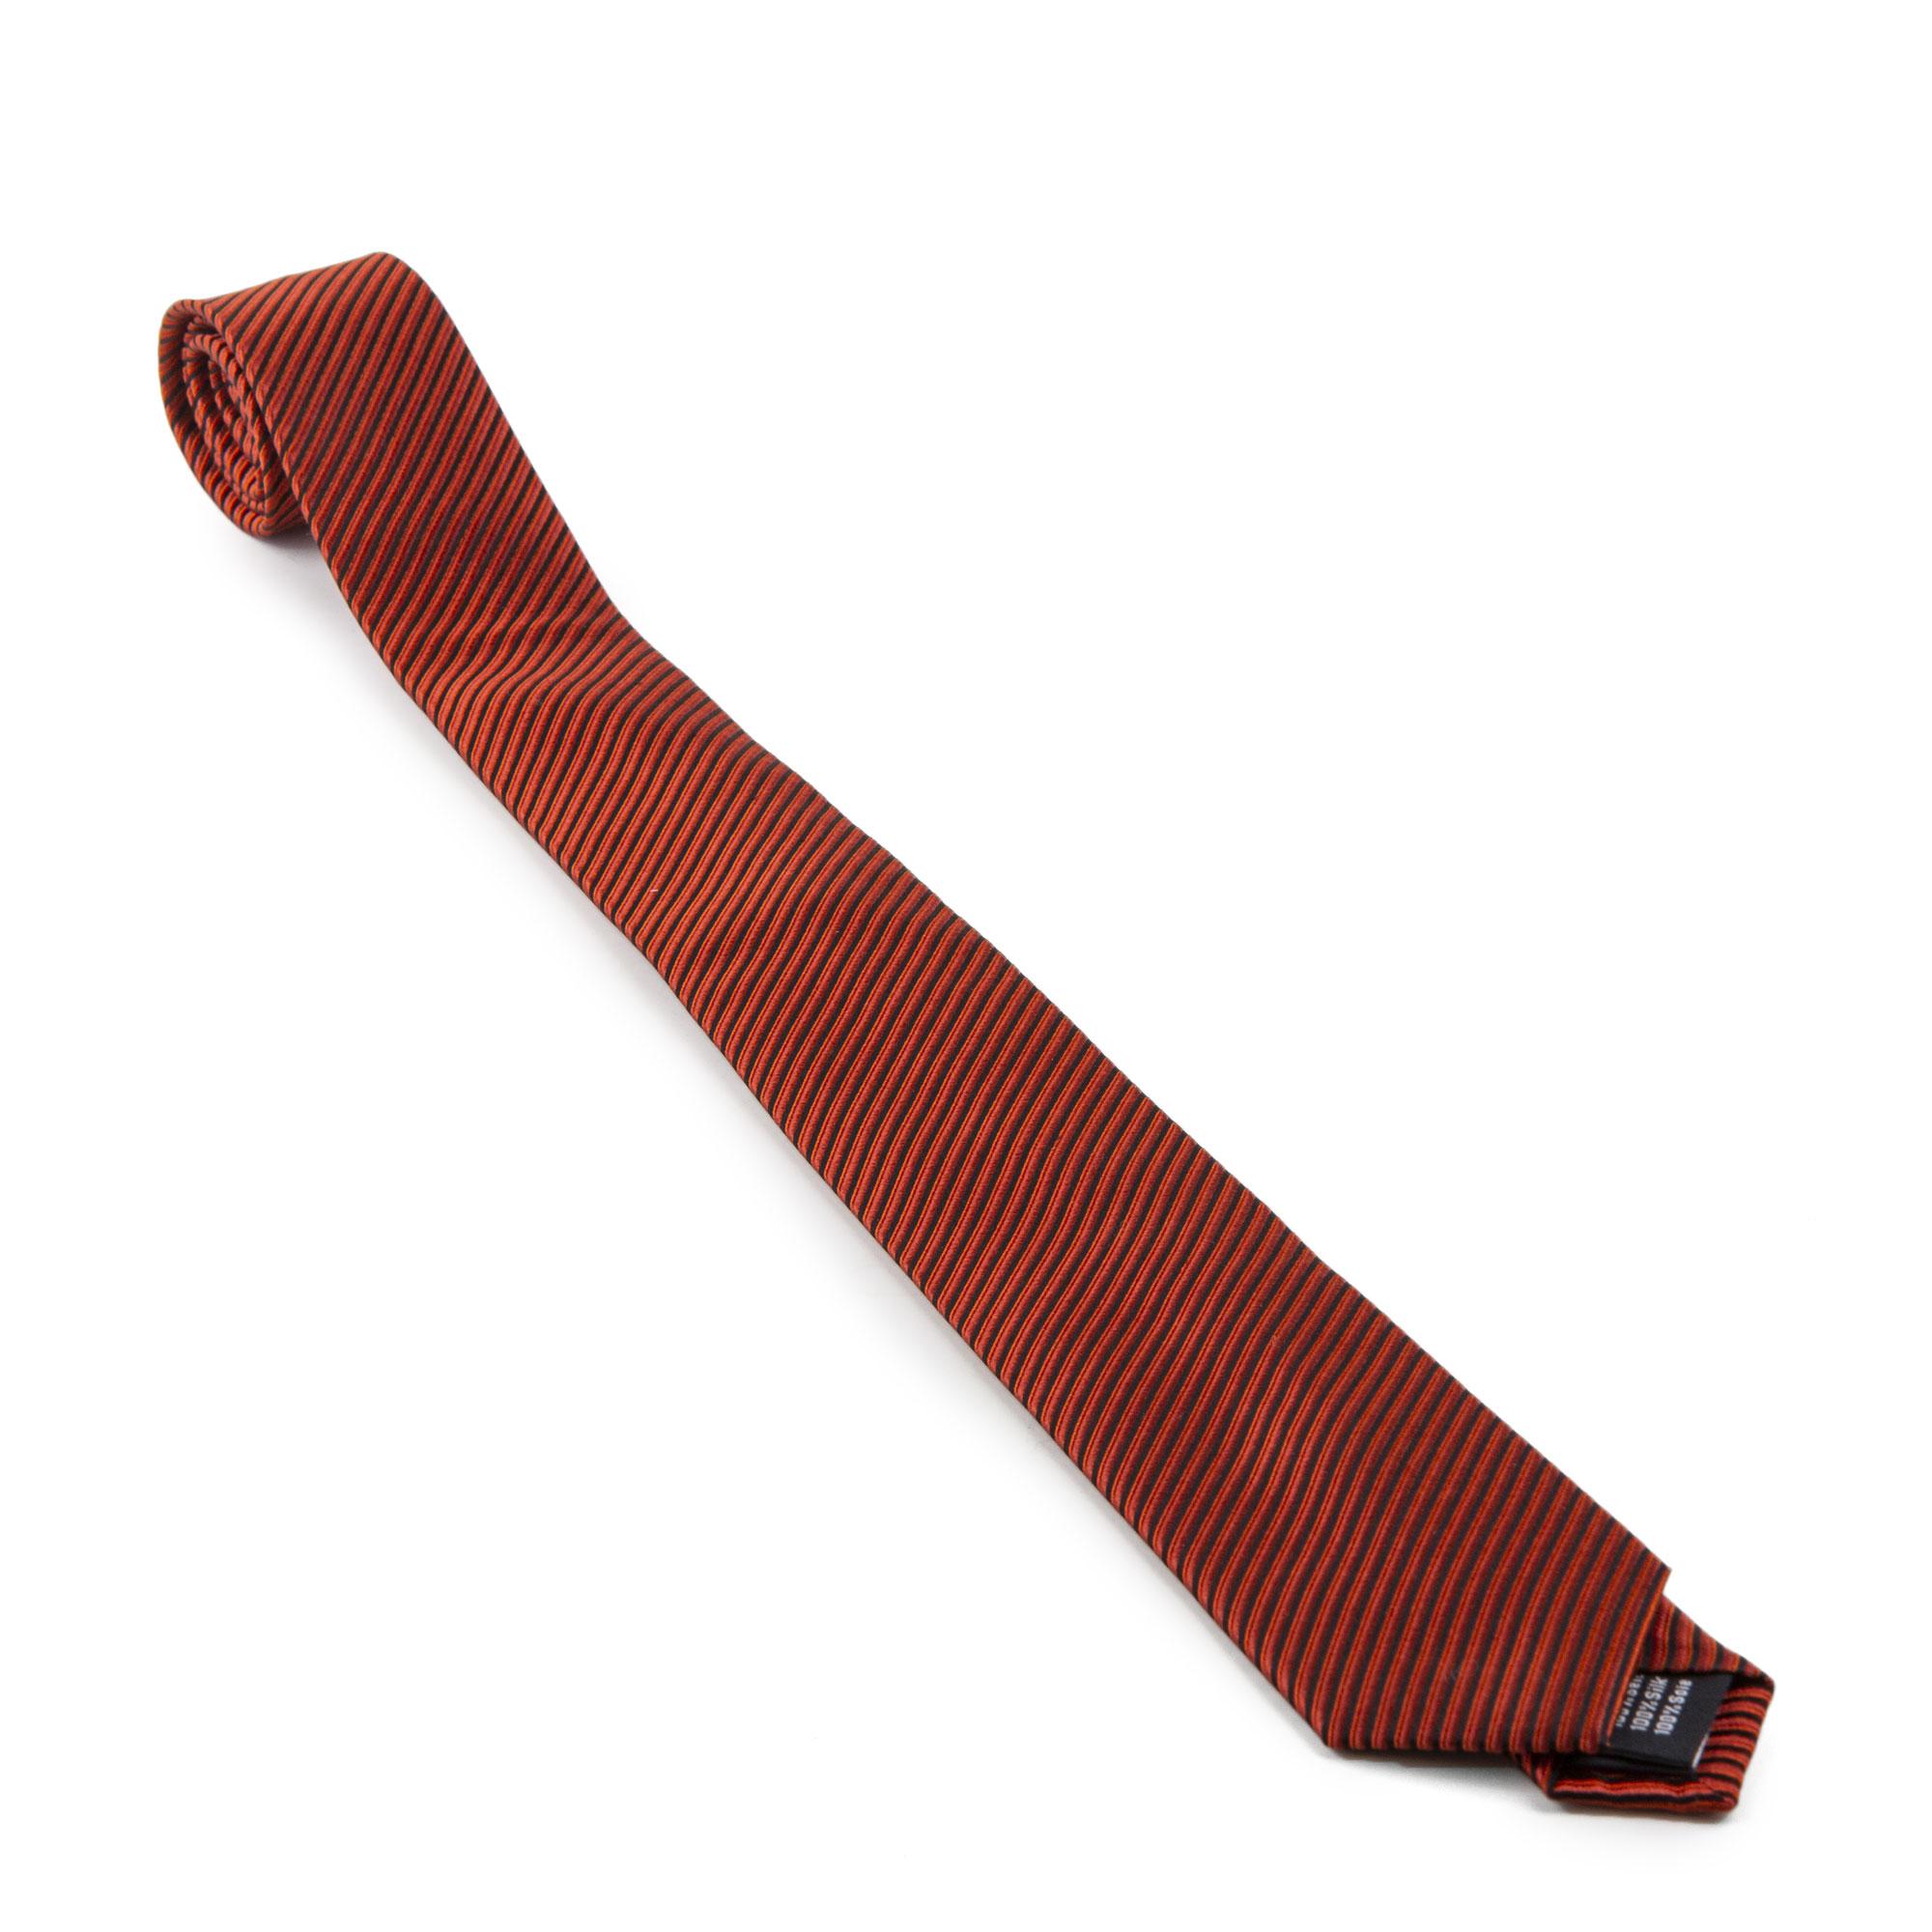 6b3f514280fc3 CASAMODA Cravate Homme CASAMODA VENTI Optez pour cette cravate 100% soie  satinée pour homme de qualité Casamoda à rayures oranges, noir et marrons .